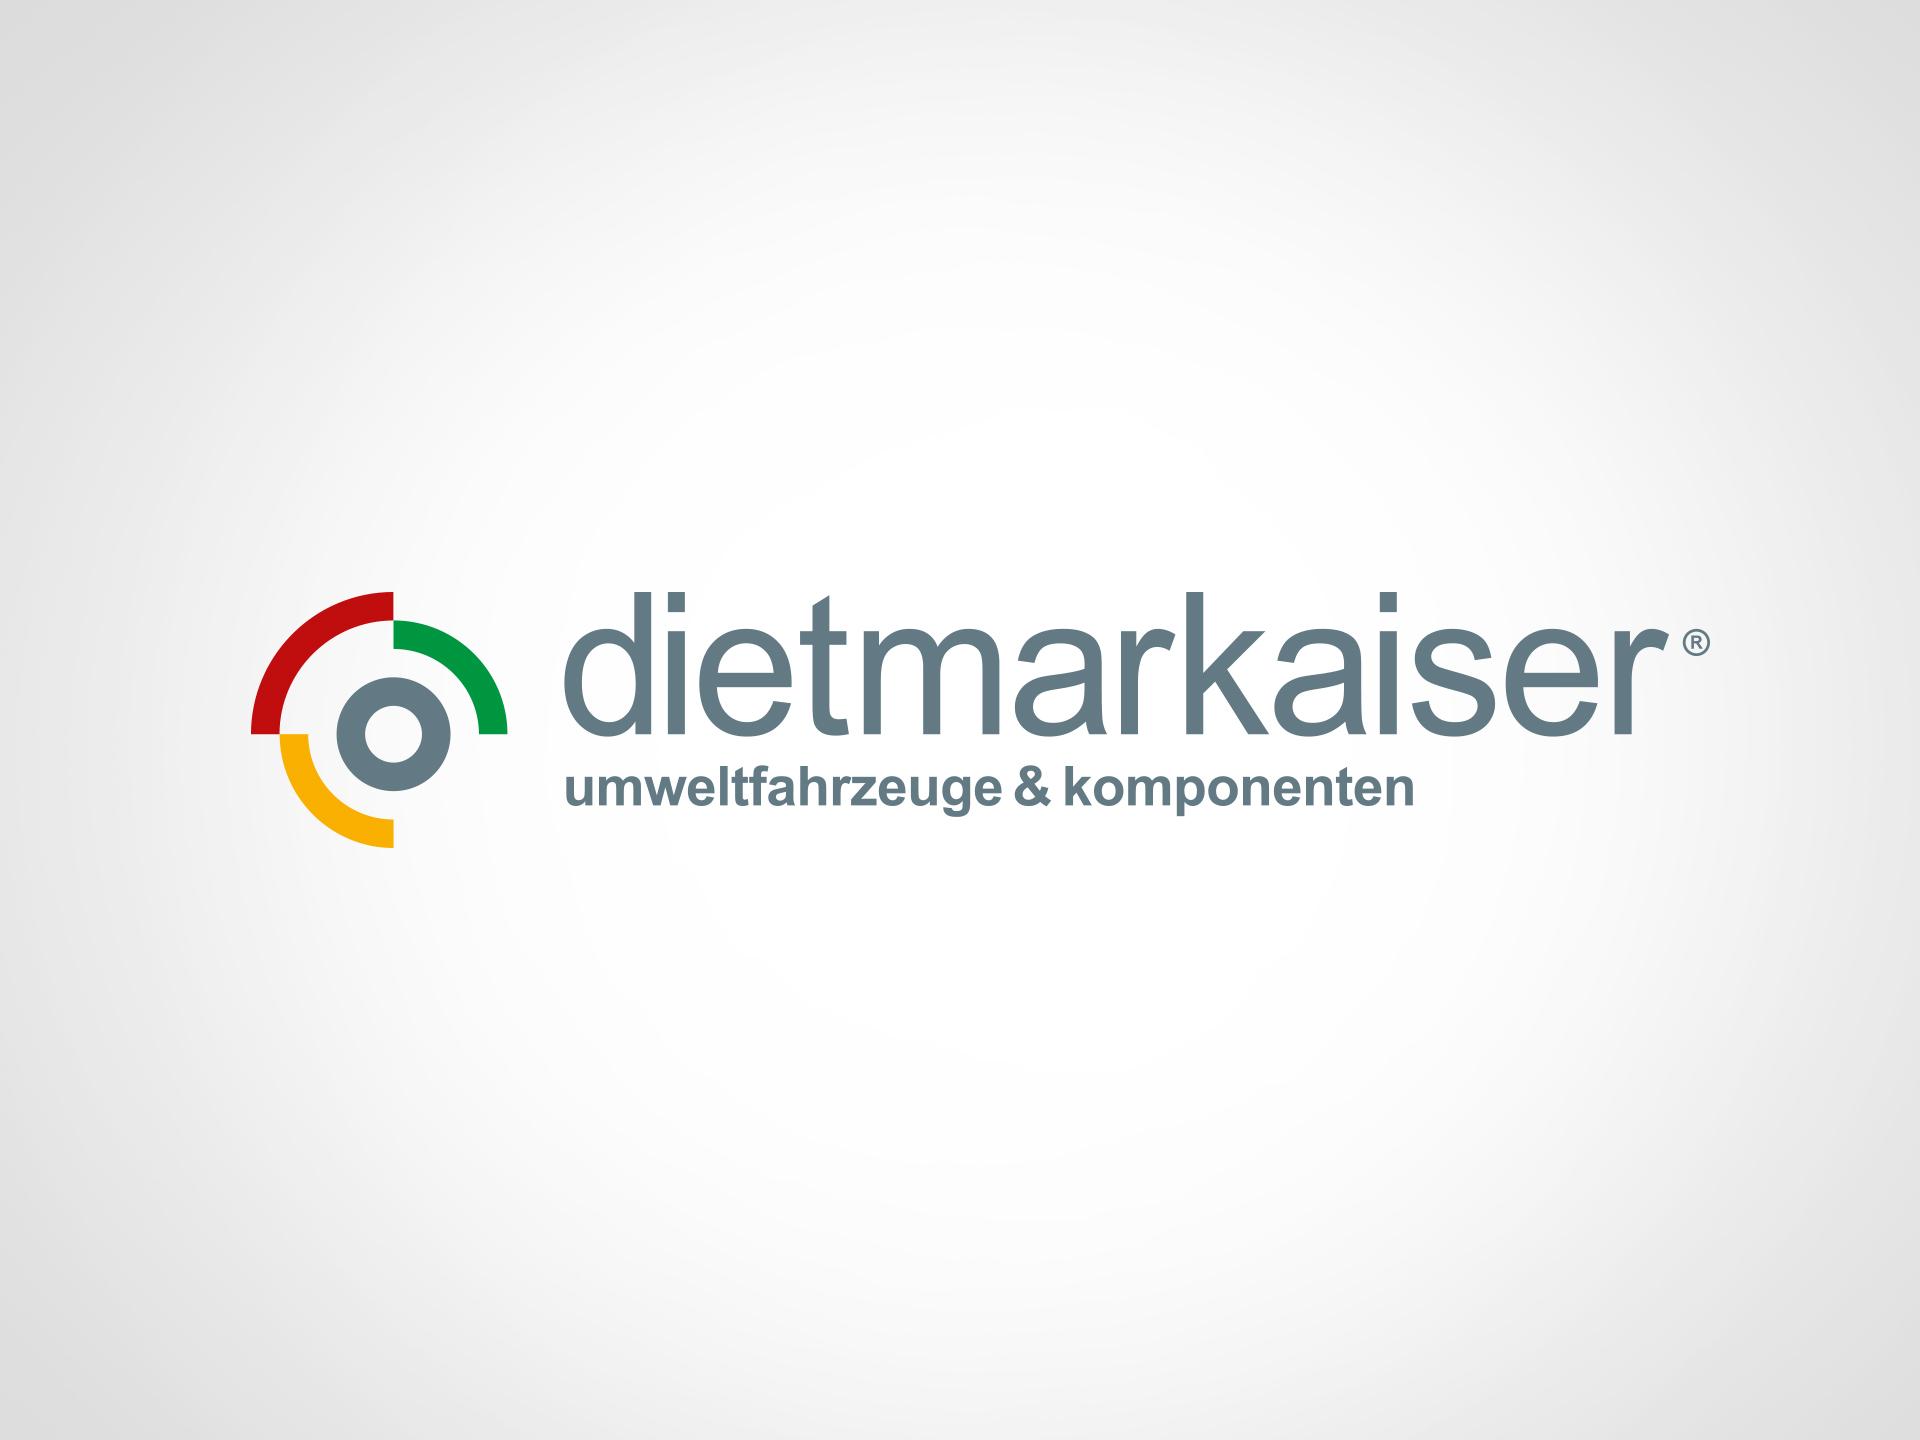 SM_Referenzen_Logo_Dietmarkaiser